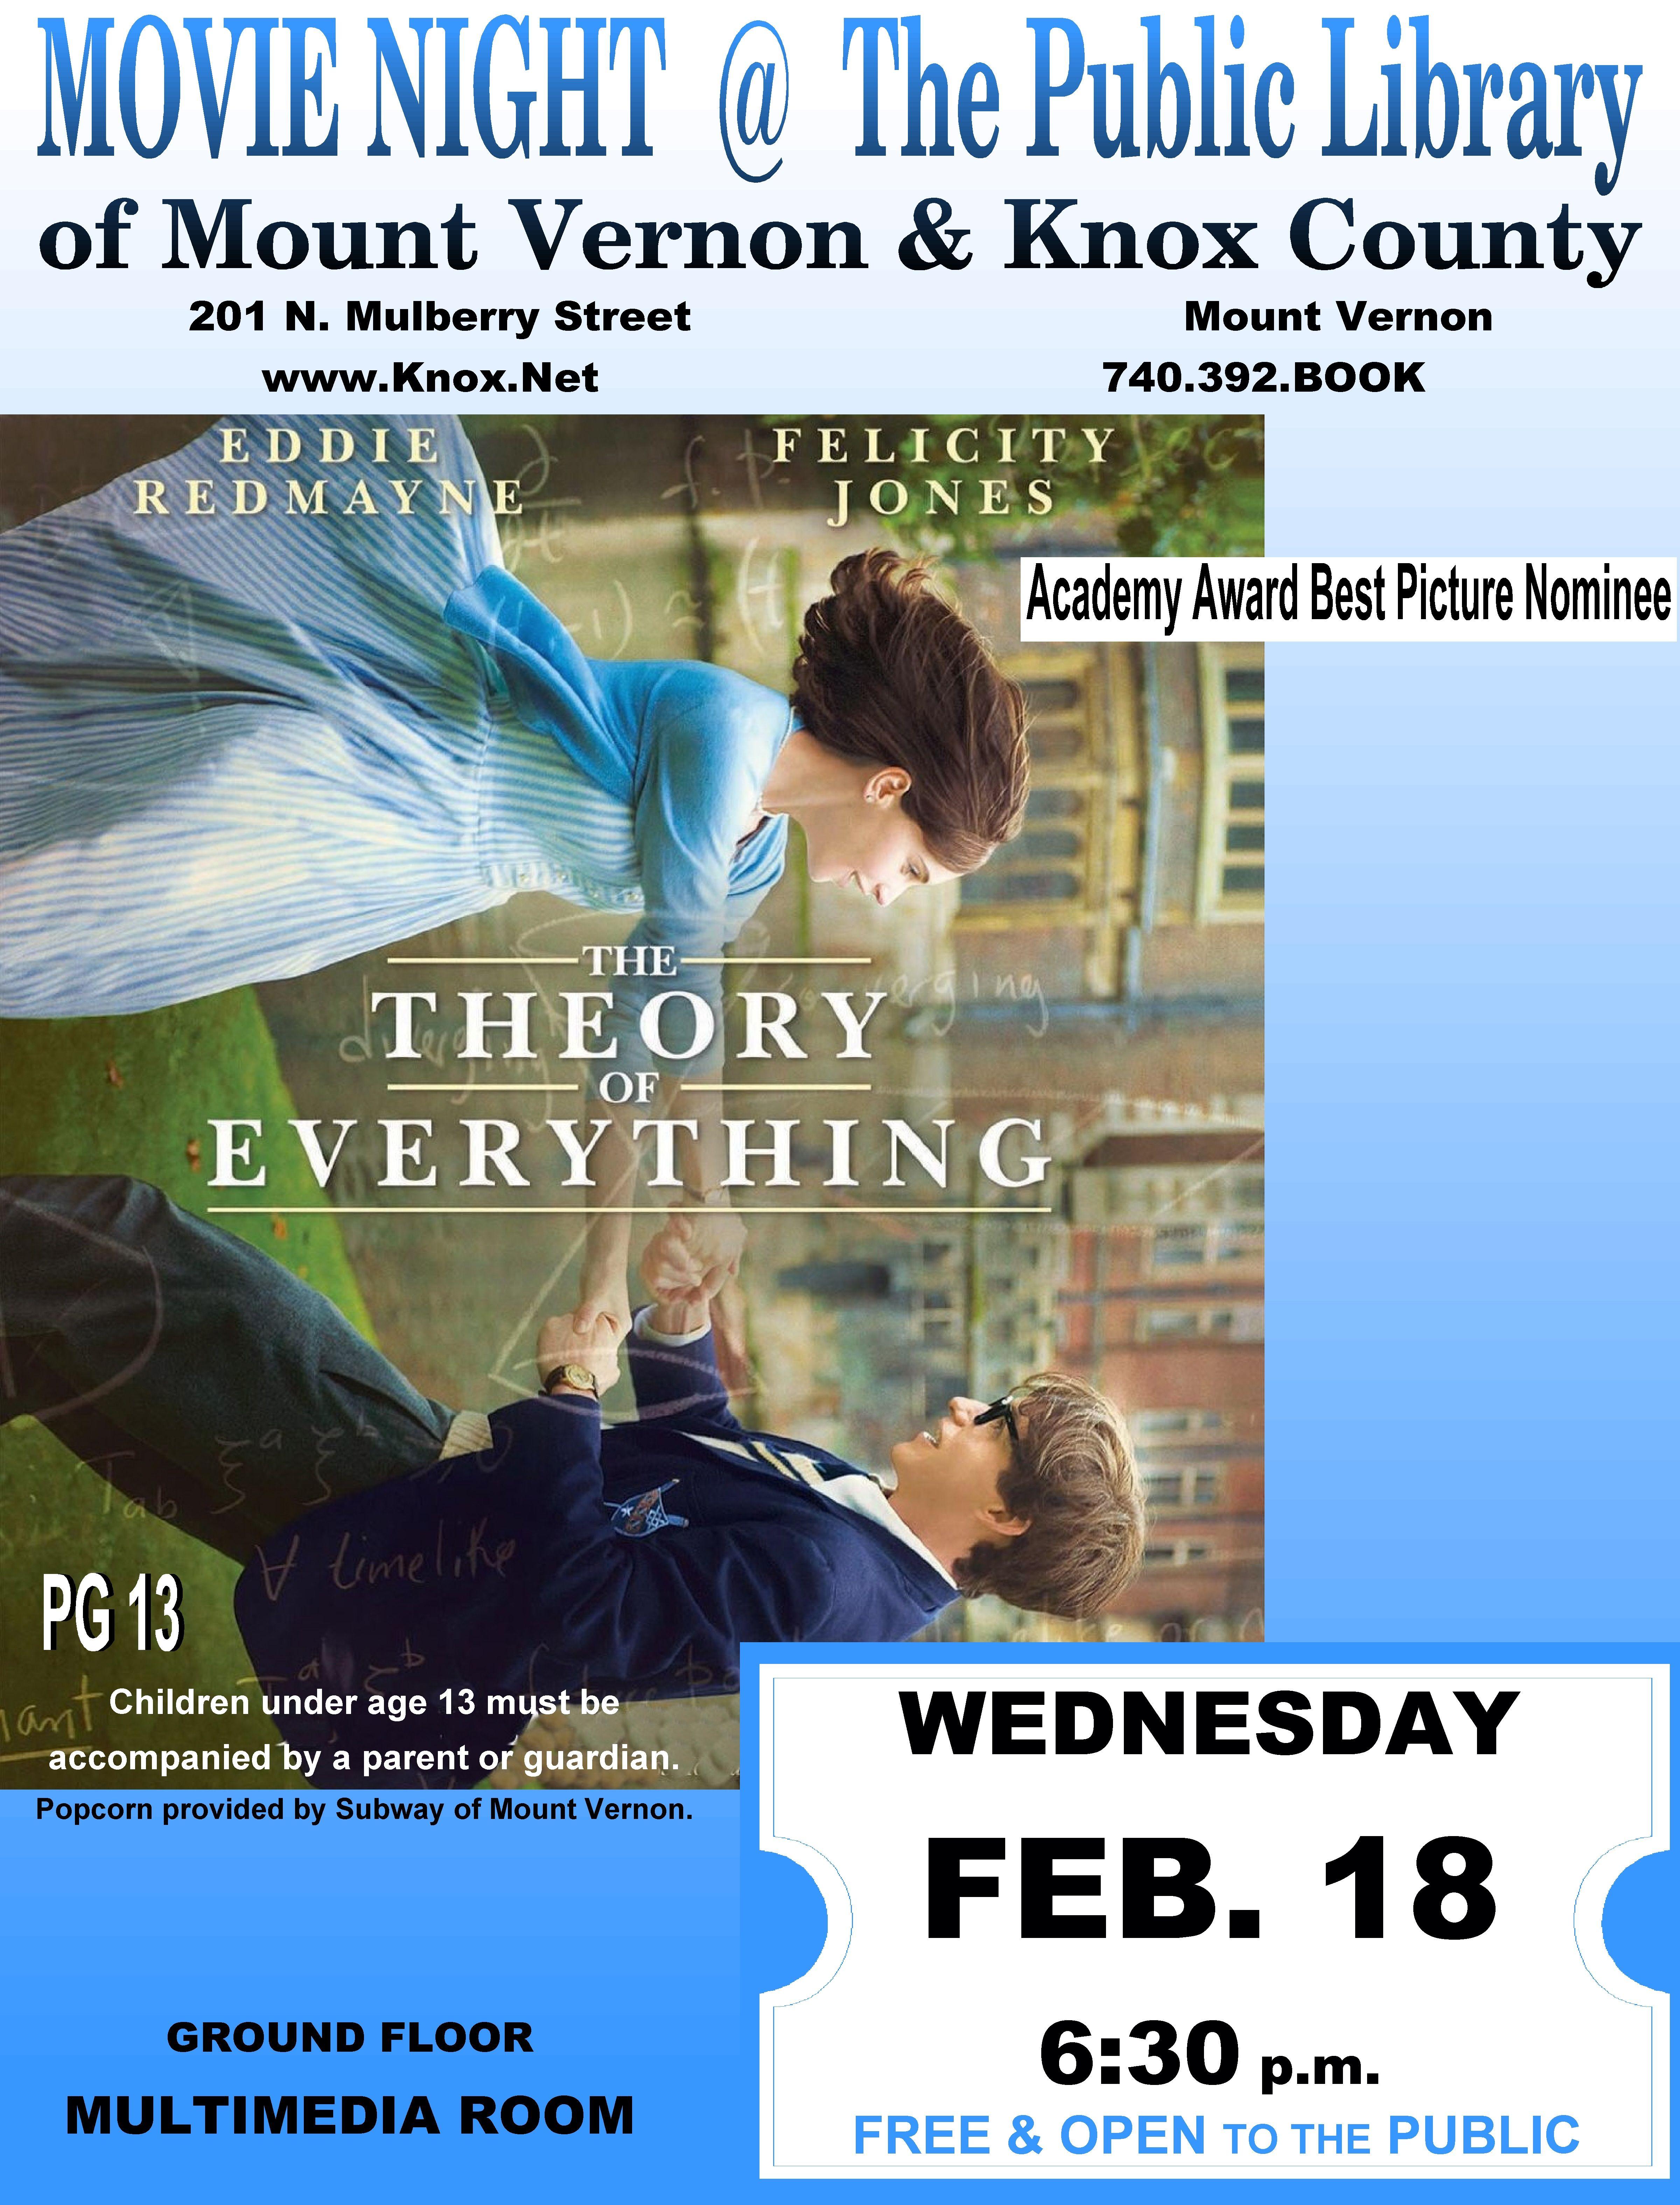 Movie Night @PLMVKC- The Theory of Everything